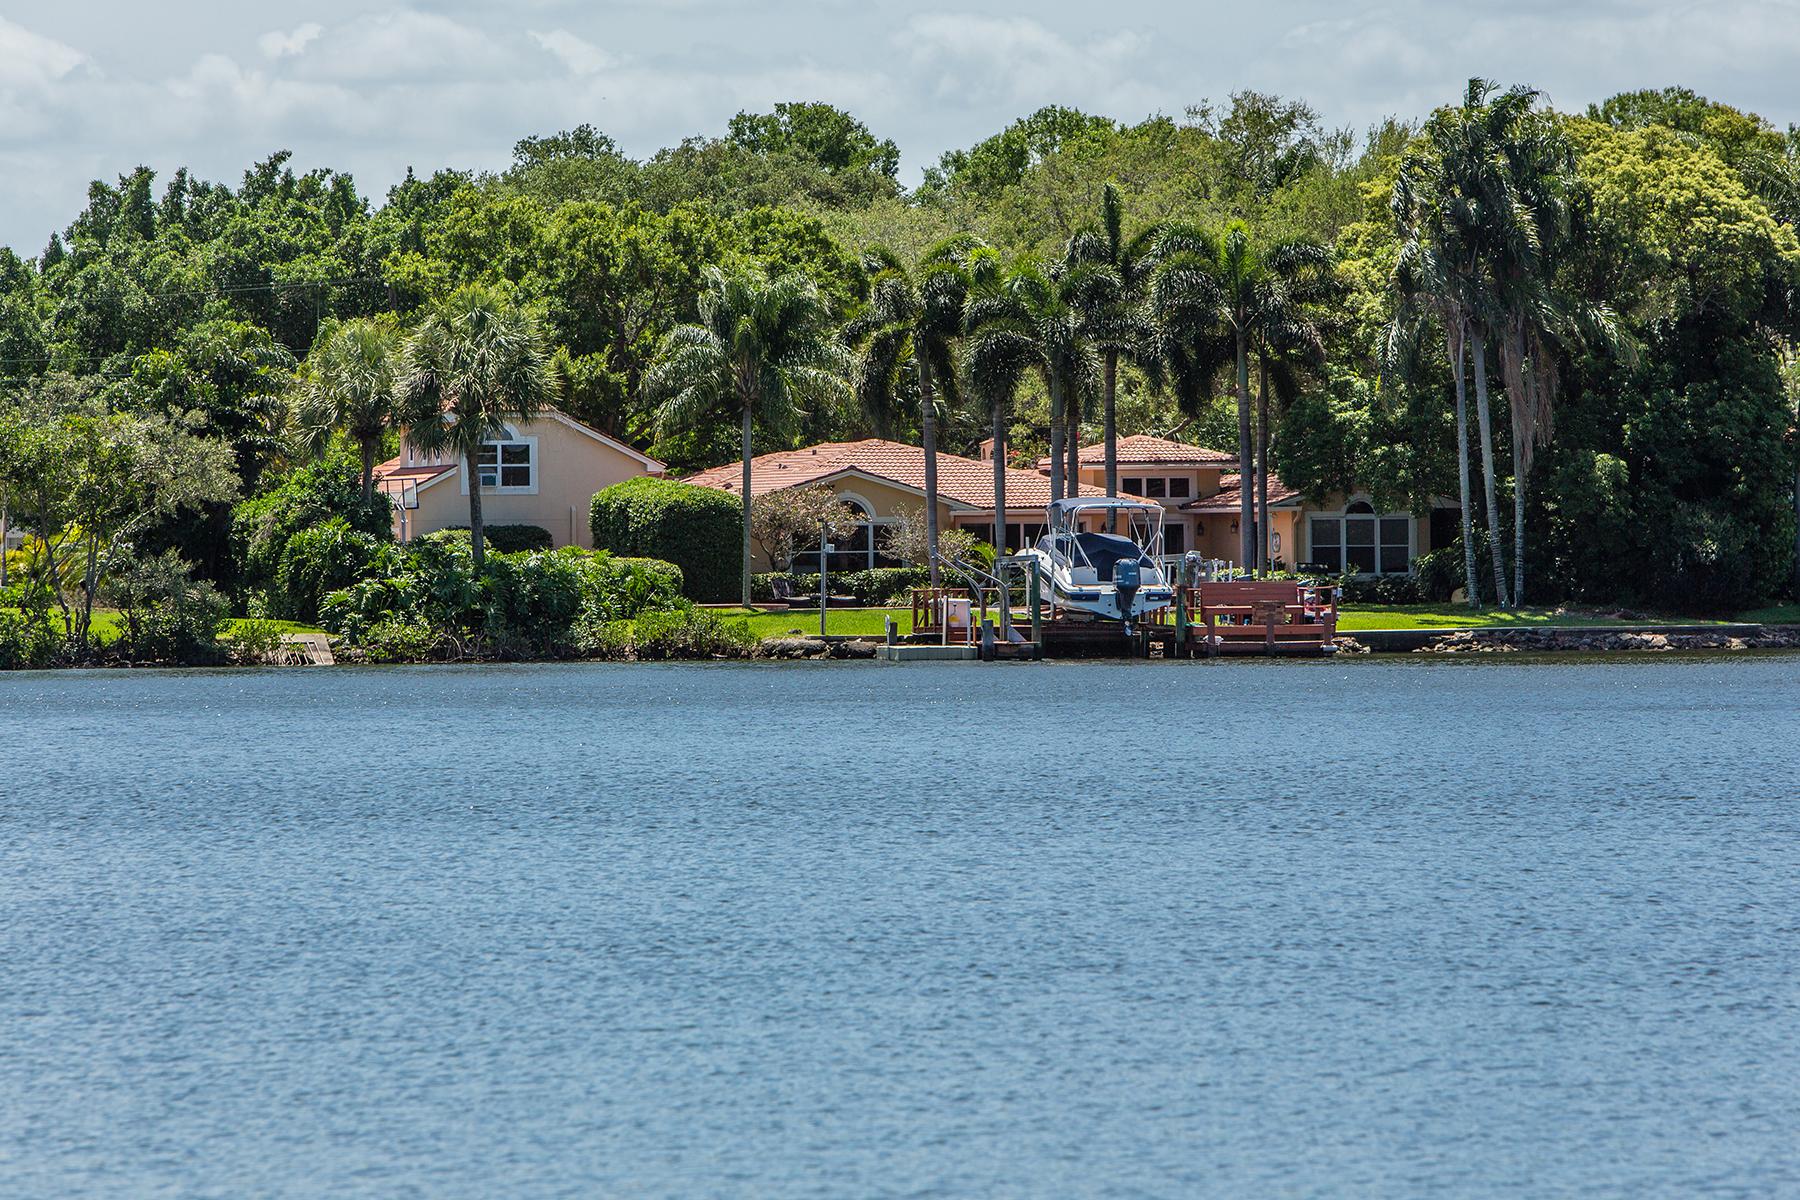 Casa Unifamiliar por un Venta en SNELL ISLE 1248 Monterey Blvd NE St. Petersburg, Florida, 33704 Estados Unidos